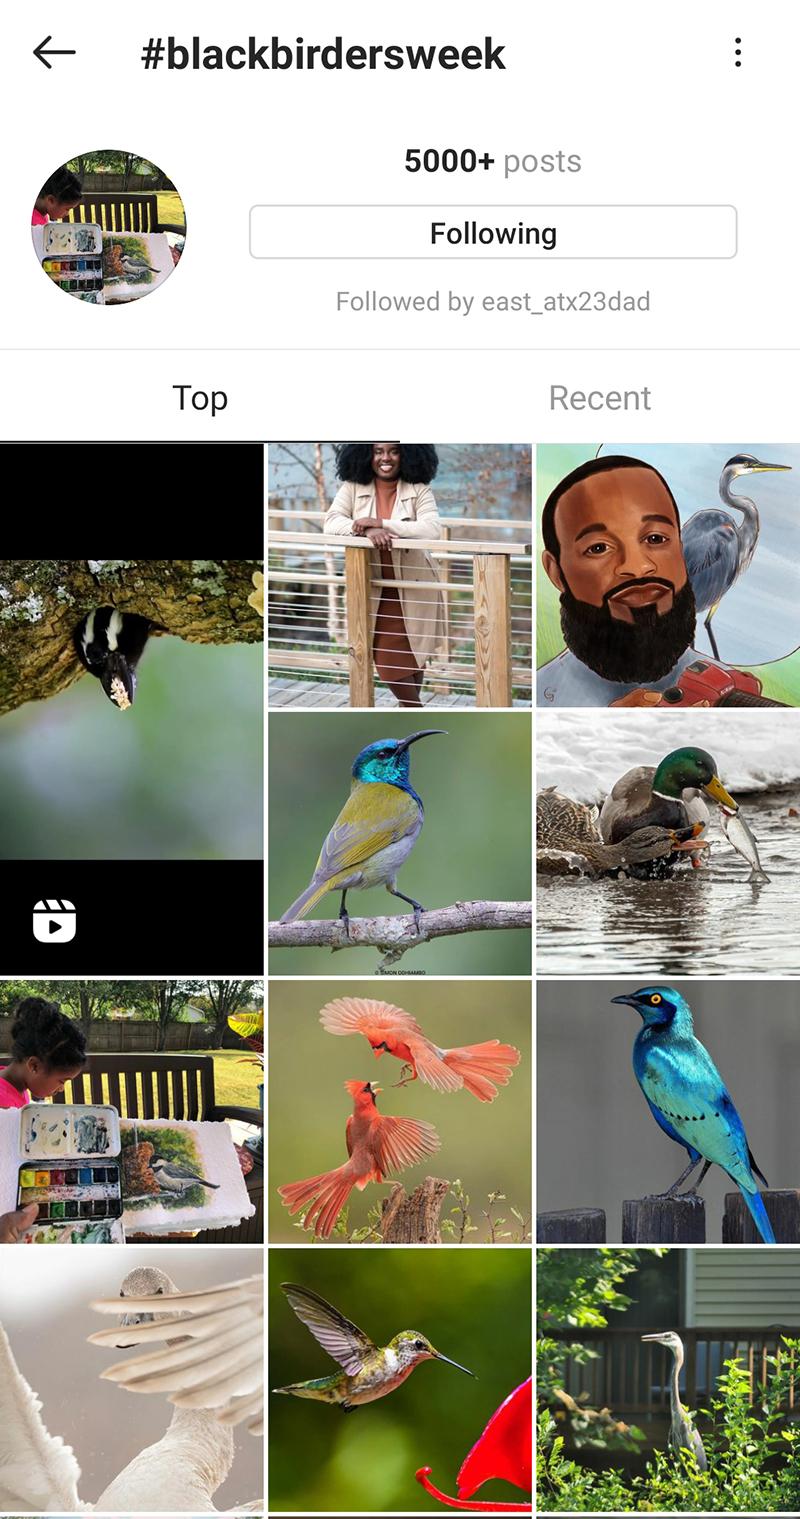 Black Birders Week Instagram Central Texas Gardener